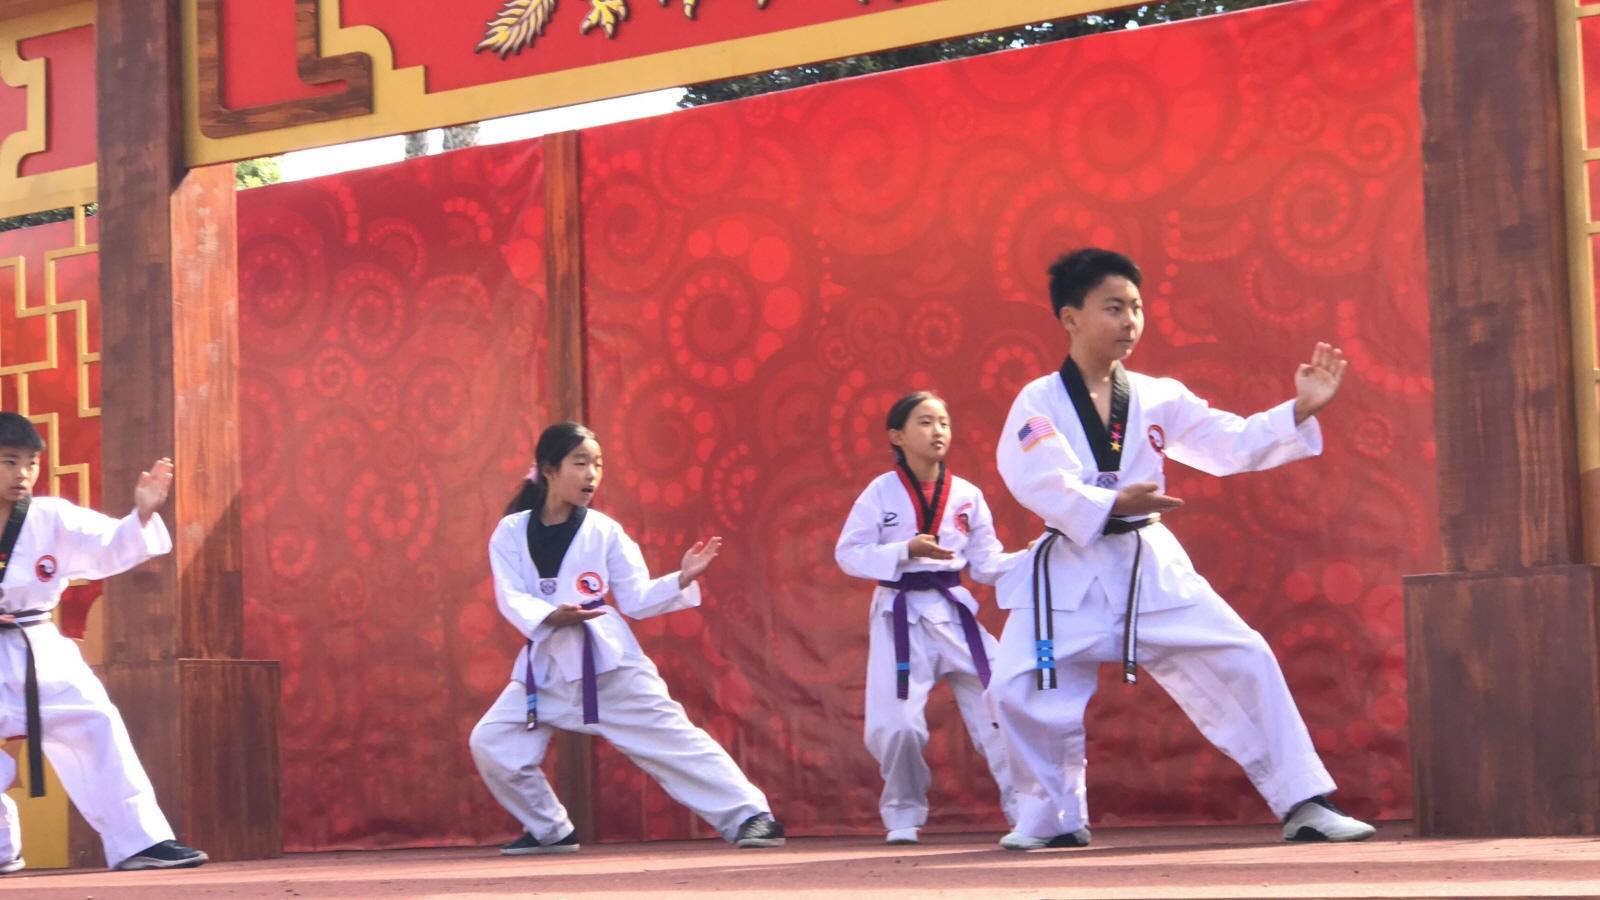 Taekwondo Academy